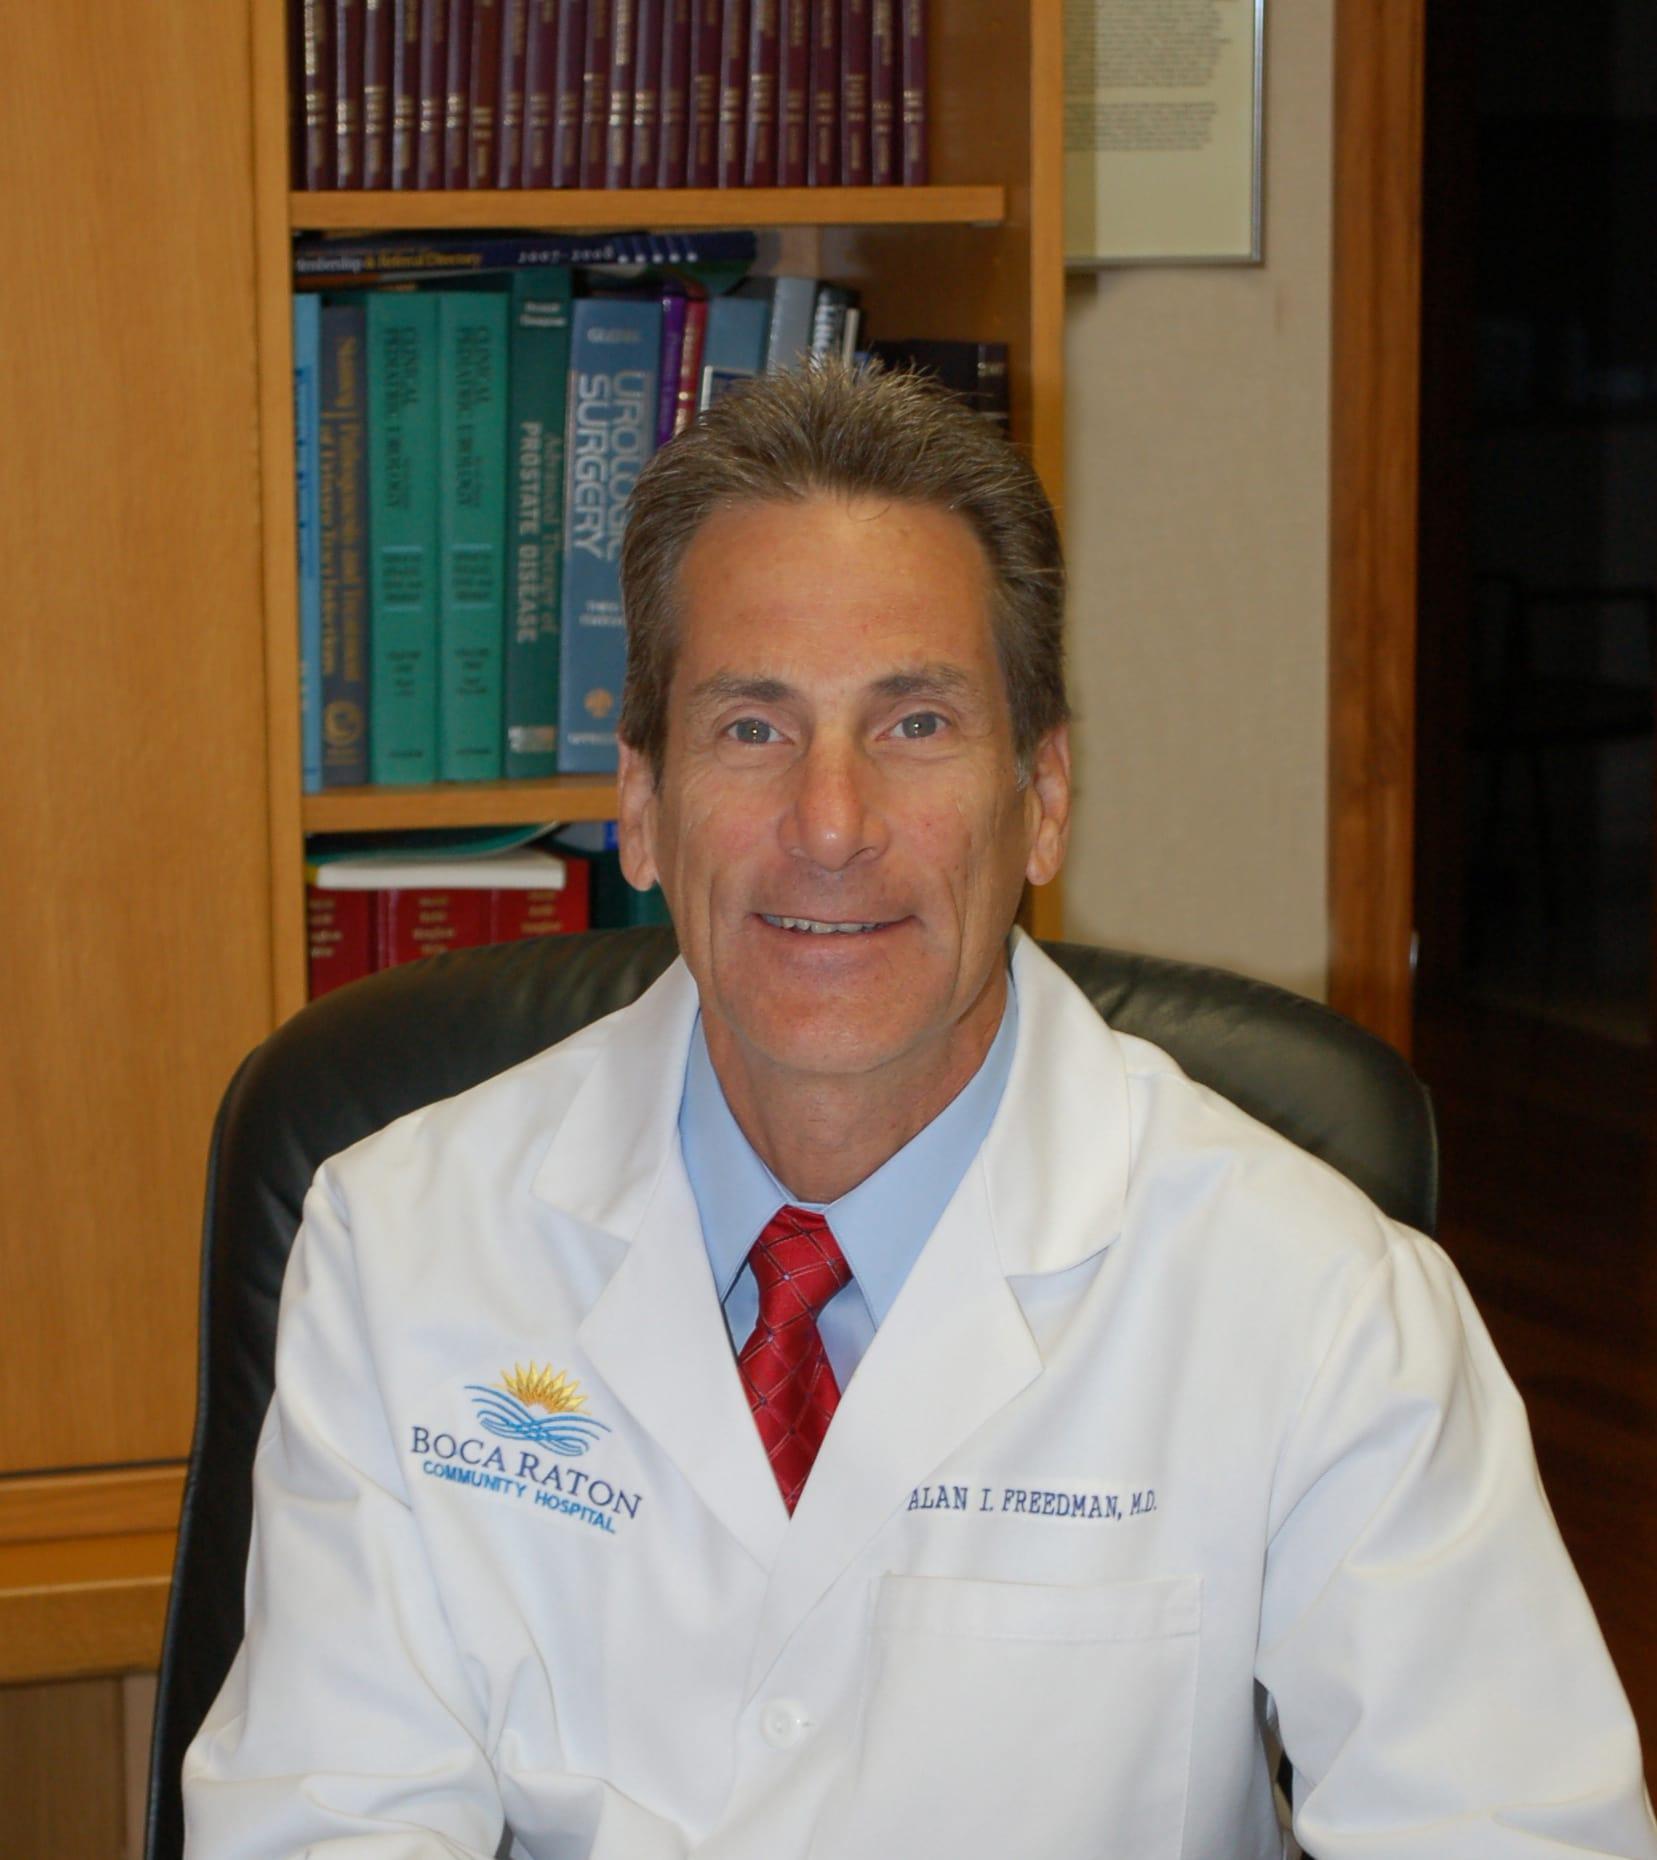 Dr. Alan I Freedman MD